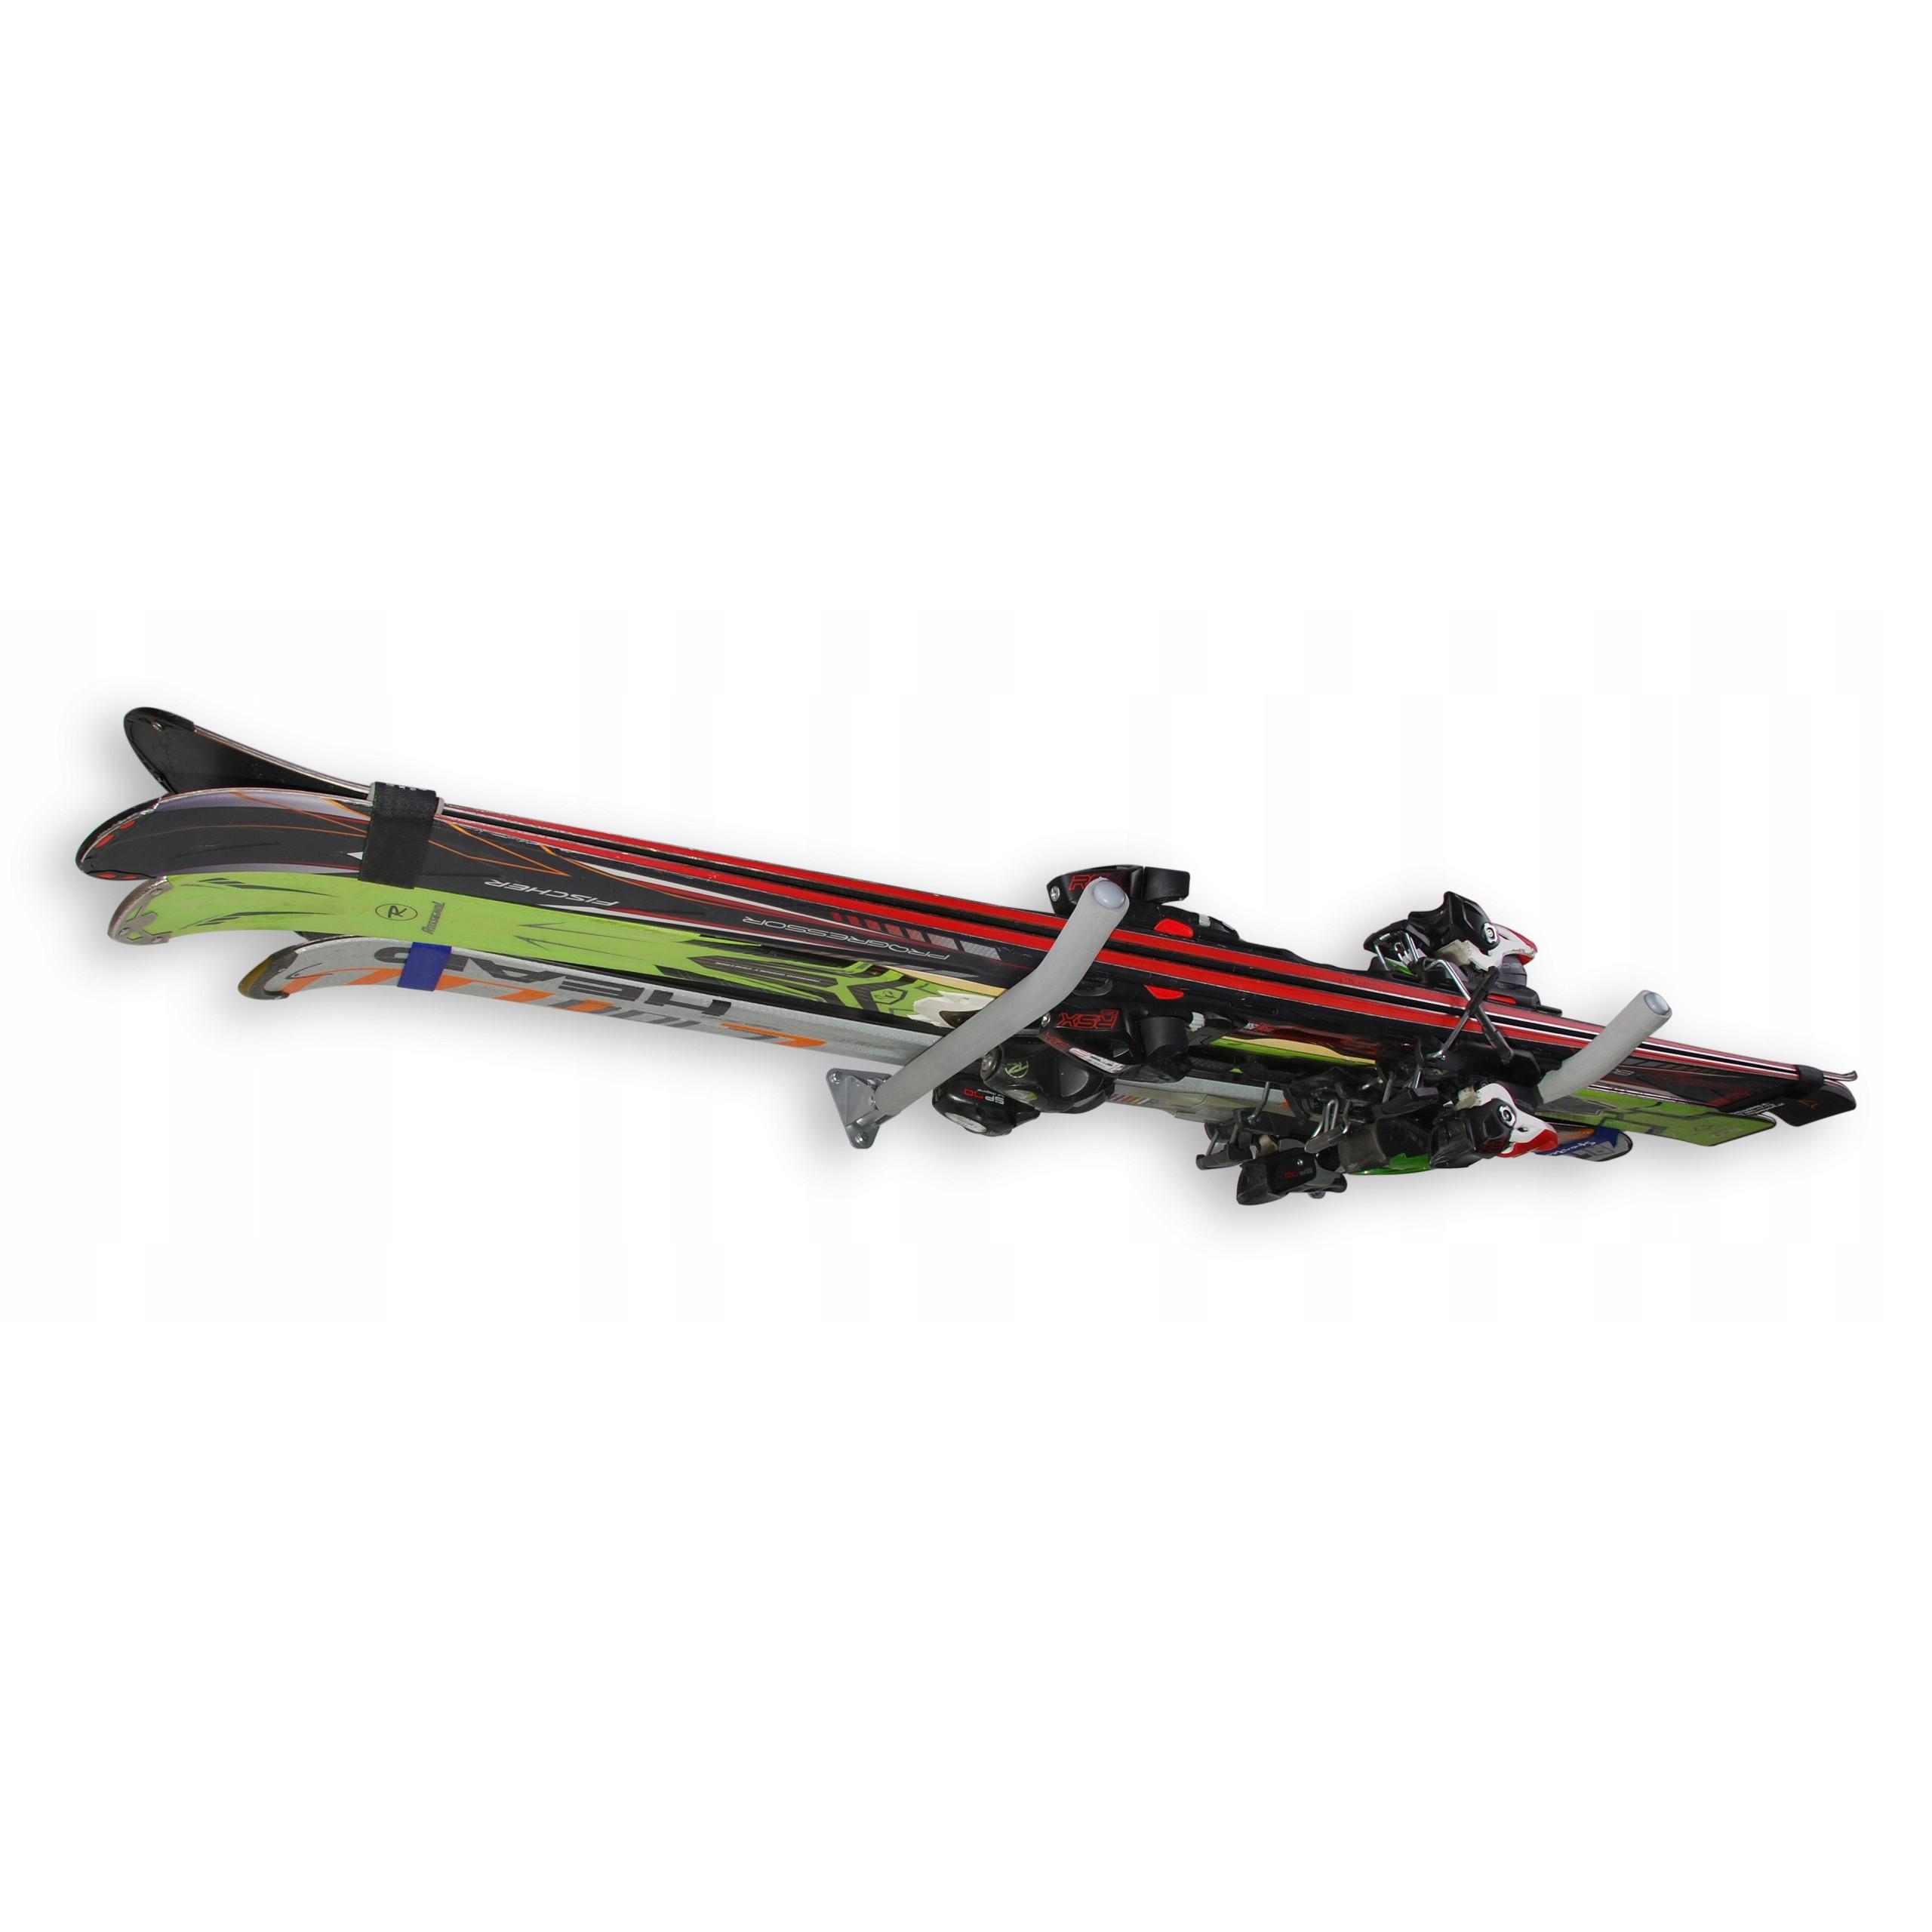 nástenný skladací držiak na bicykle lyže 40kg megamix.sk